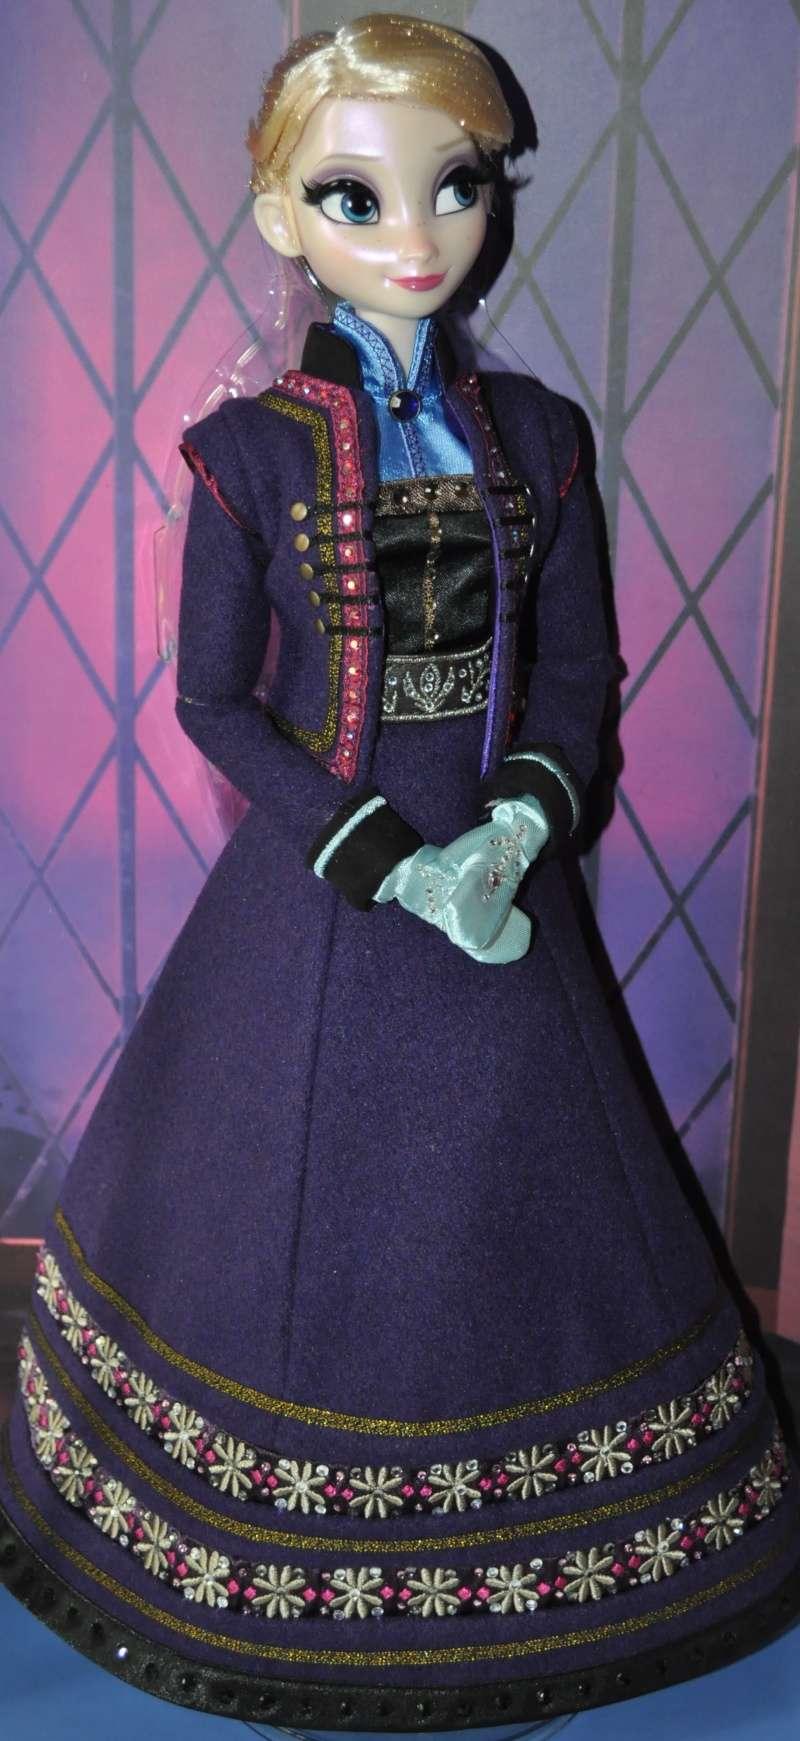 Disney Store Poupées Limited Edition 17'' (depuis 2009) - Page 5 Dsc_0222